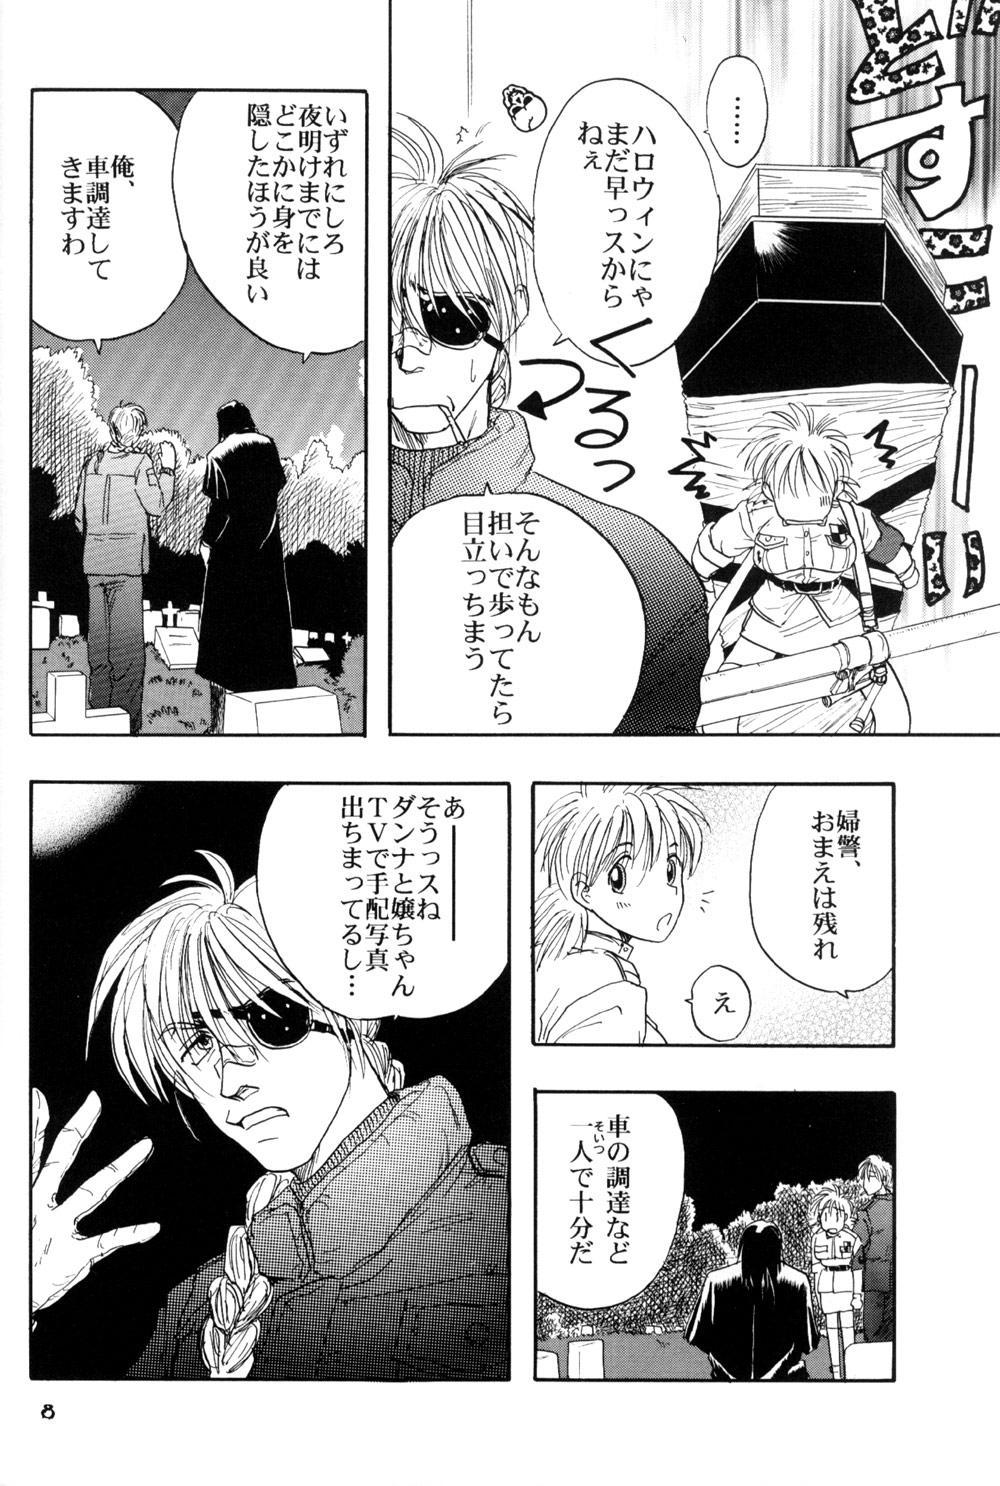 Hitsugi o Tataku Onna 9